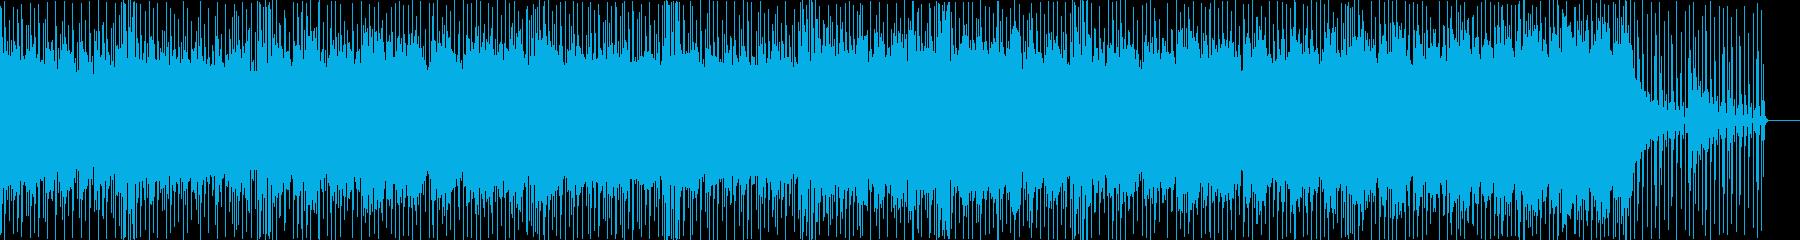 ヘヴィロック アクション 説明的 ...の再生済みの波形